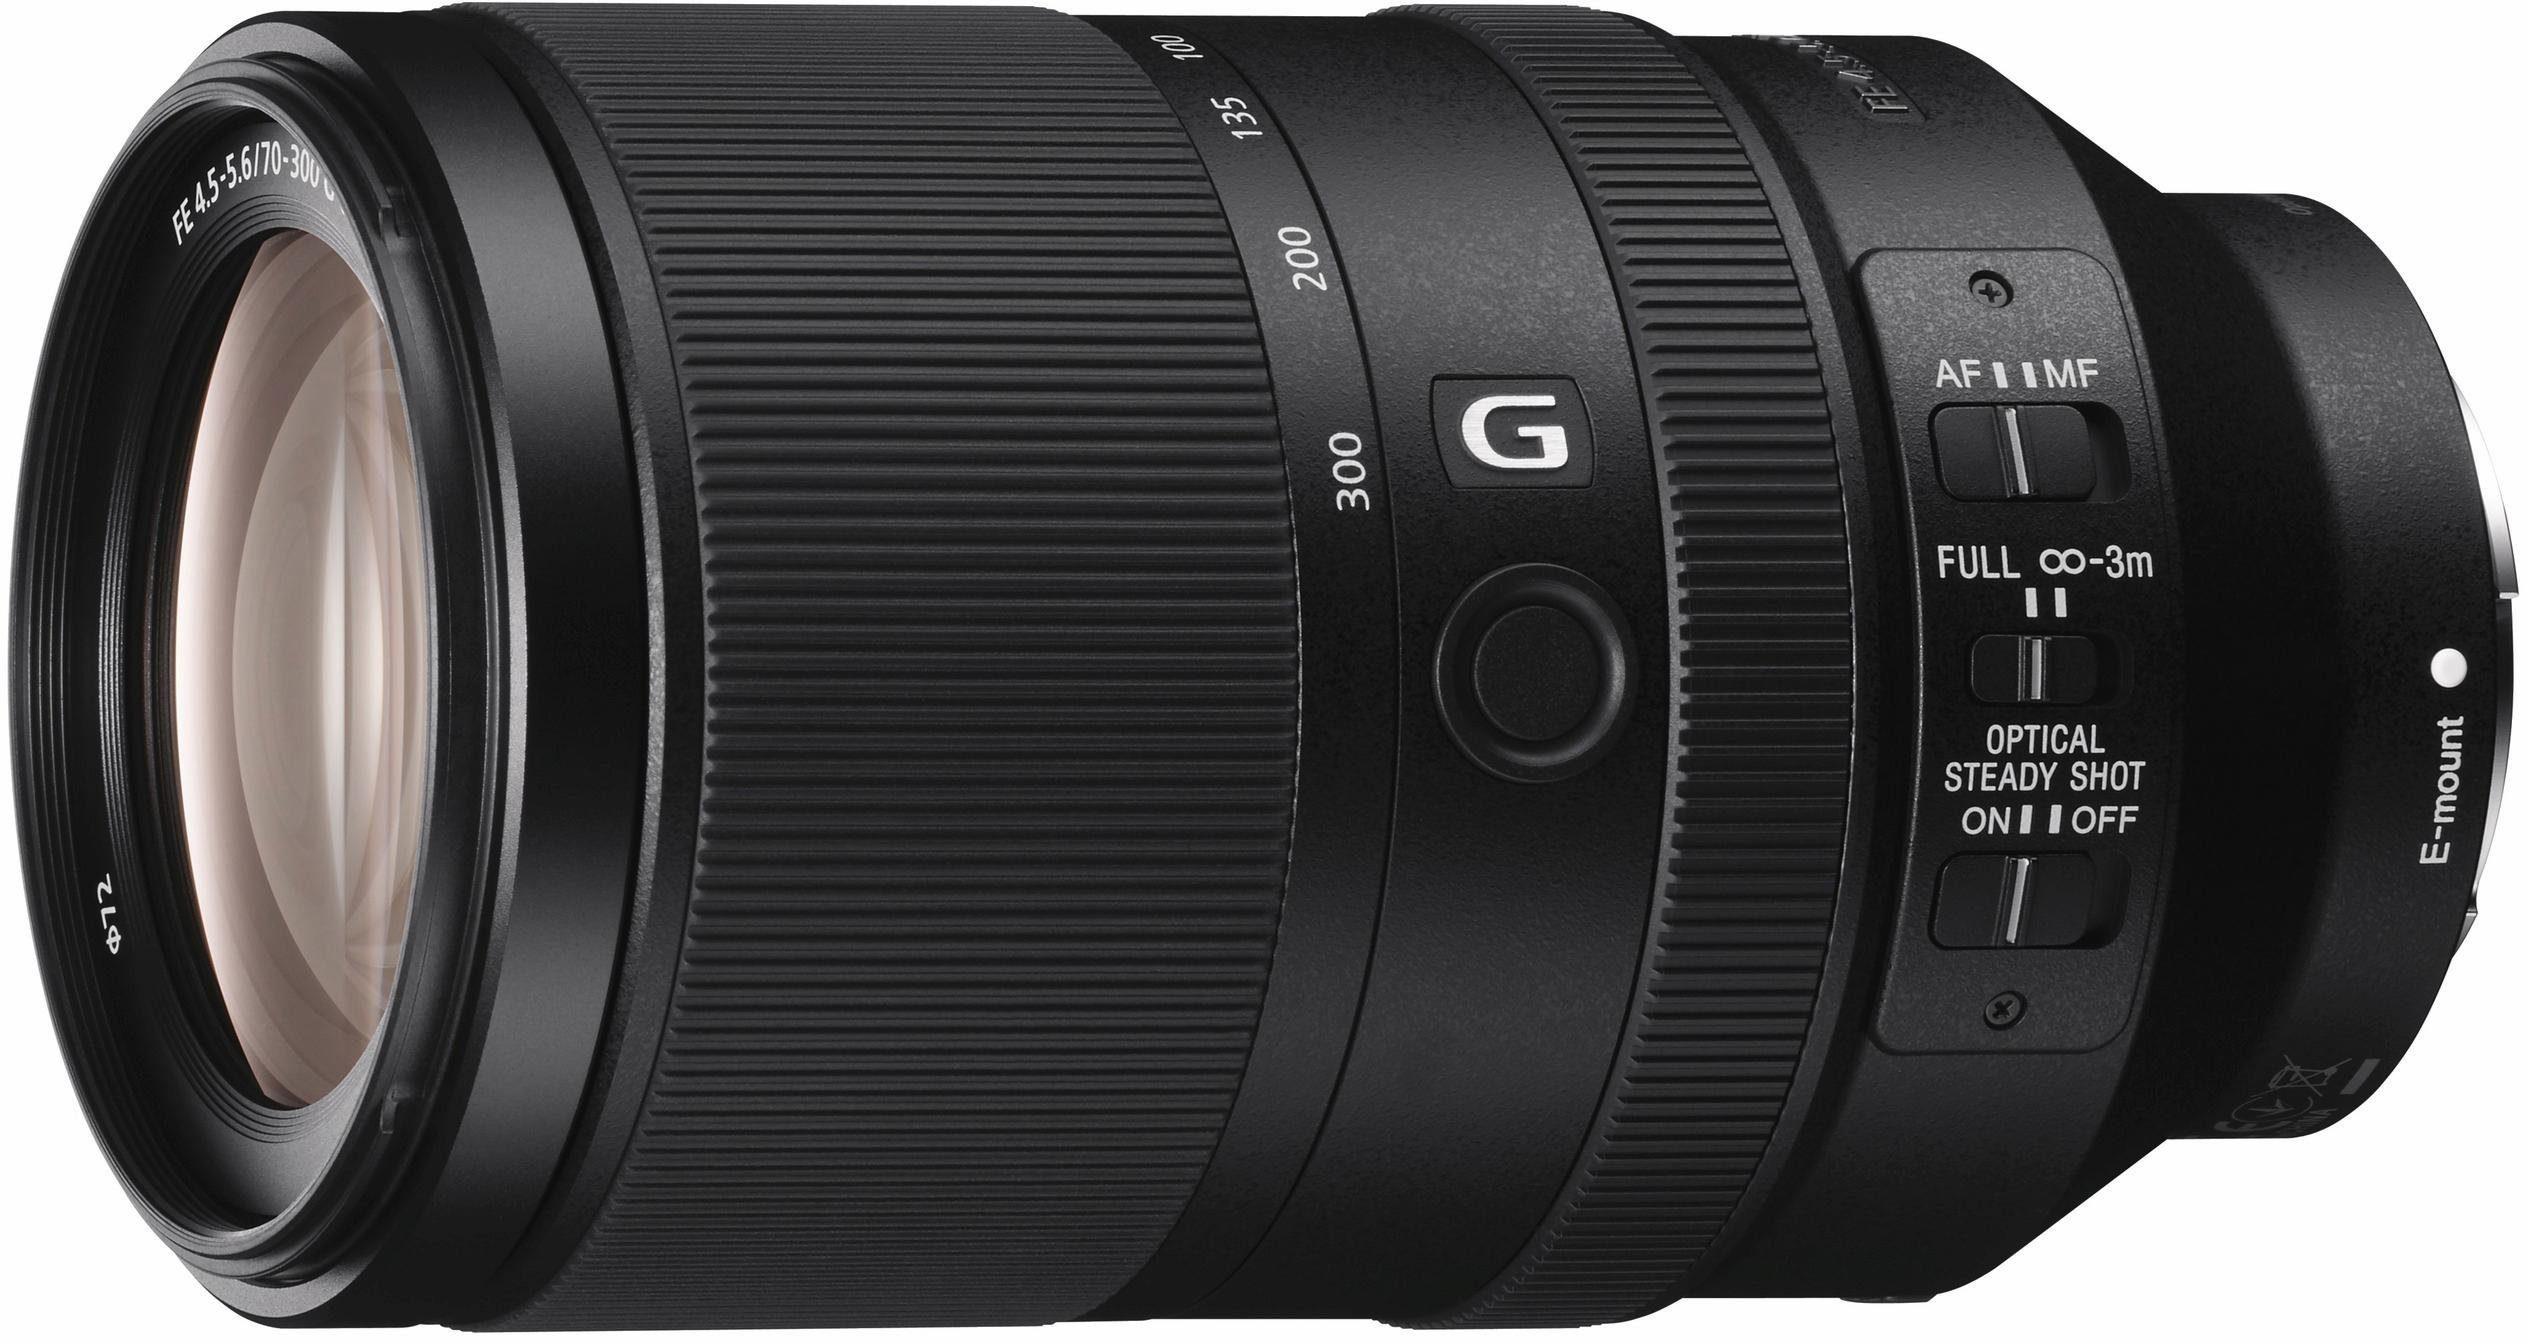 Sony SEL-70300G, E-Mount Vollformat-Telezoom Objektiv, 70-300mm, F4,5 - 5,6 G OSS, G-Serie